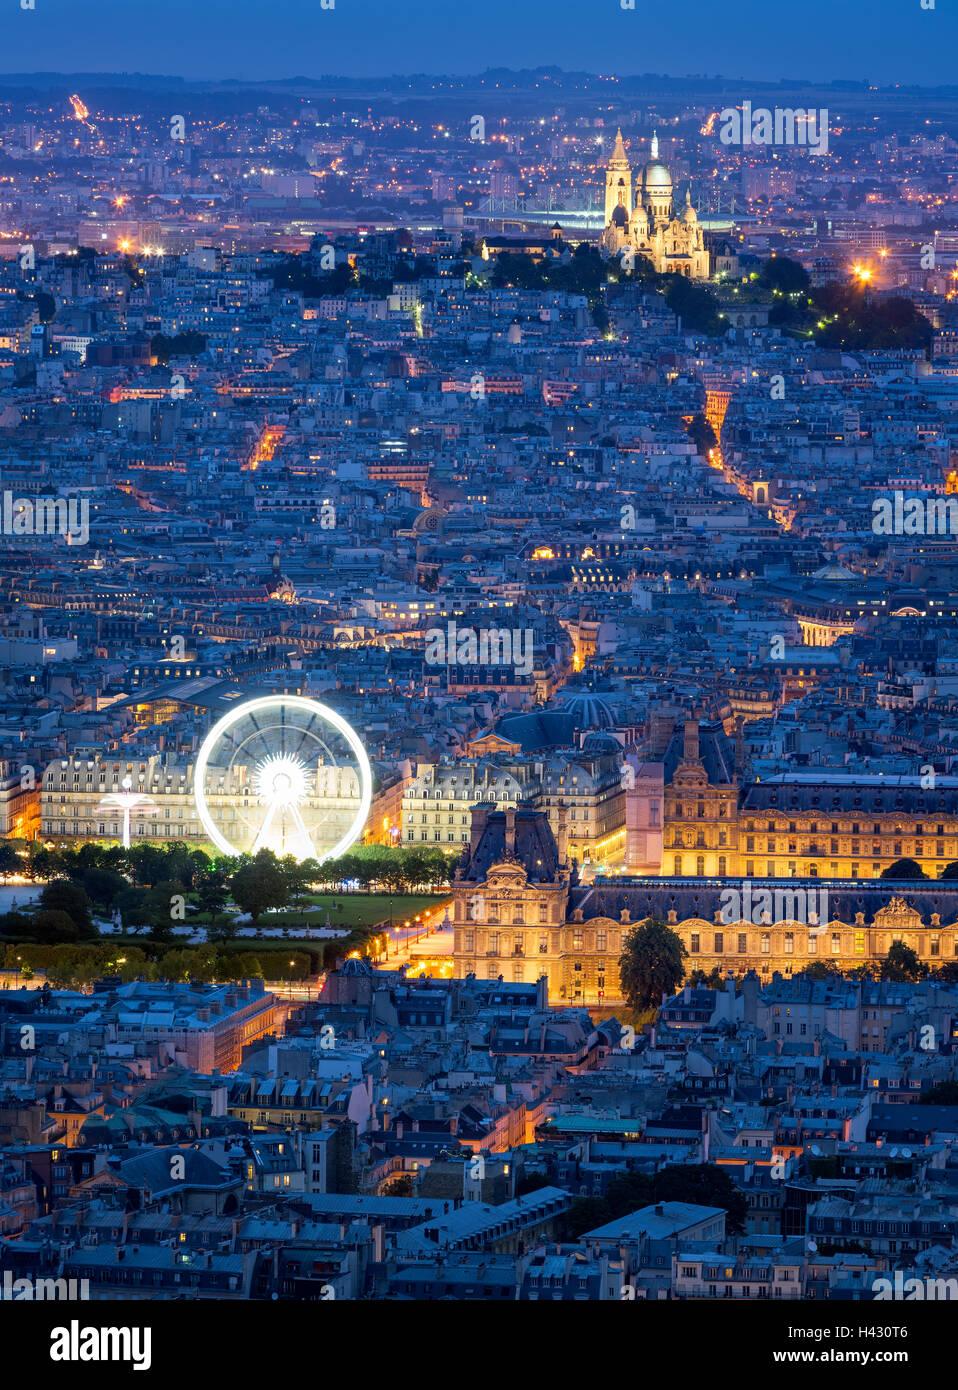 Vista aerea di tetti di Parigi al crepuscolo, compresi il Louvre e il Sacre Coeur di Montmartre. Ora Blu nella città Immagini Stock